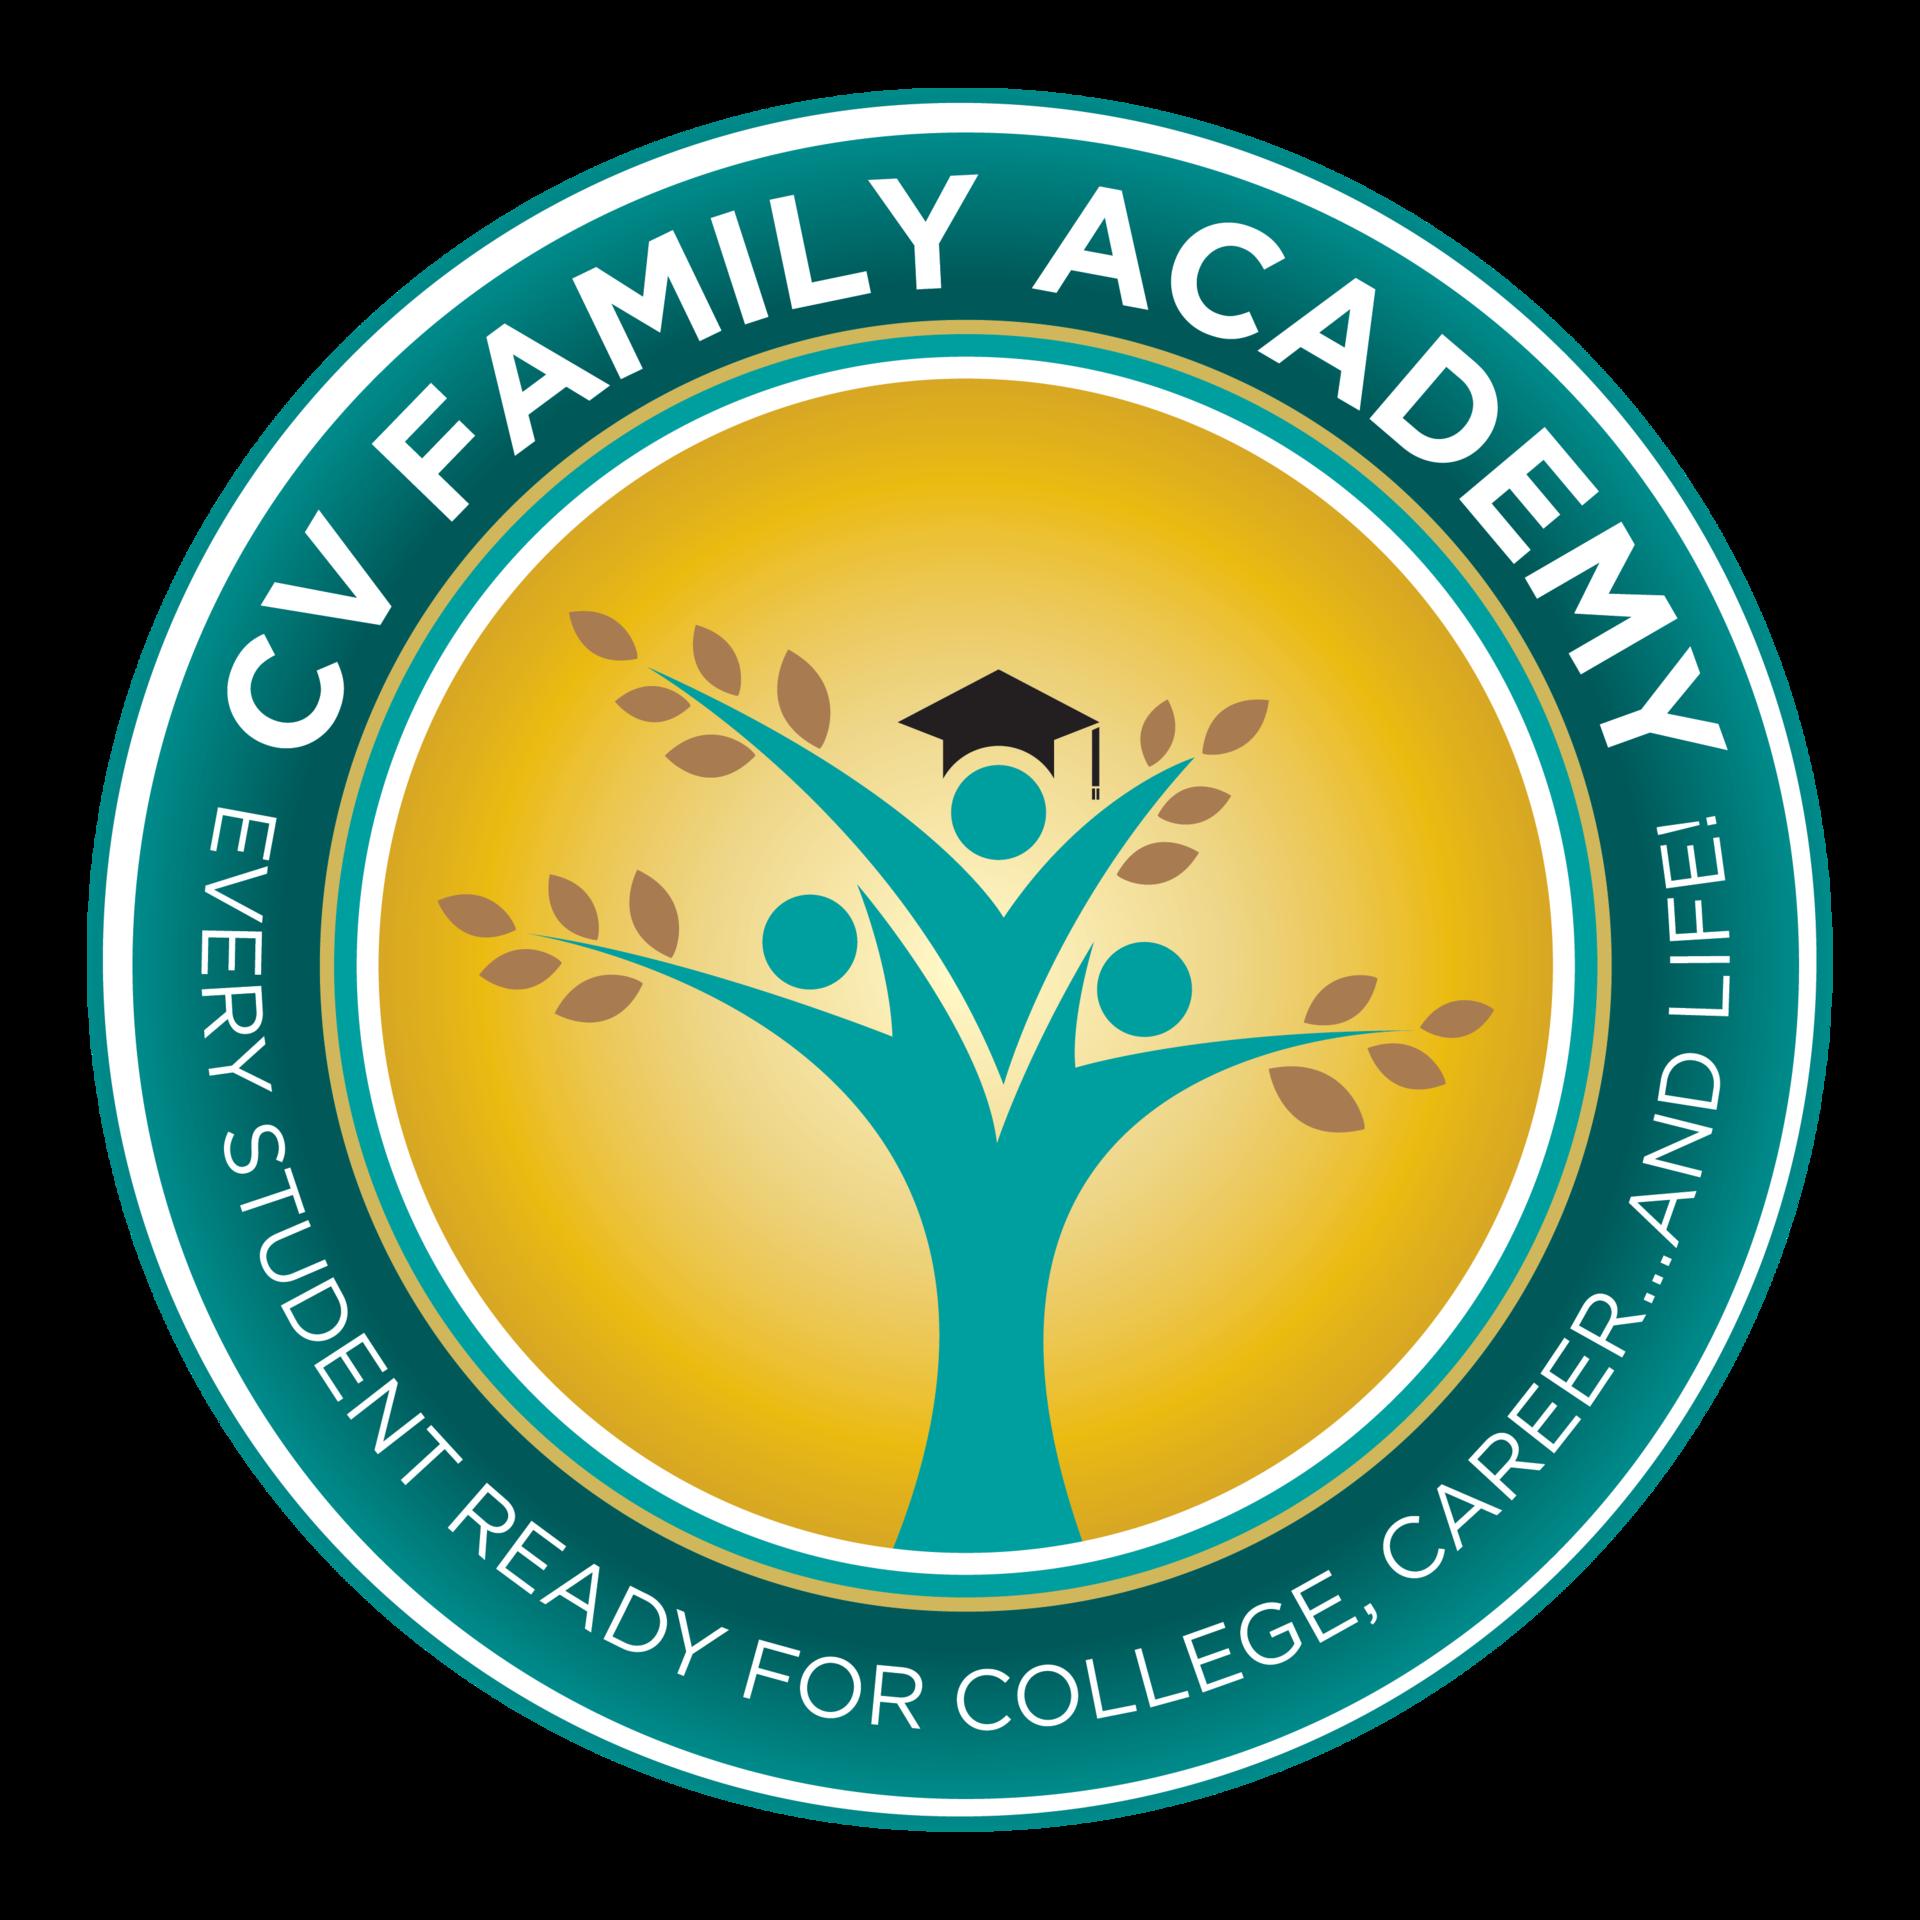 CV Family Academy Logo